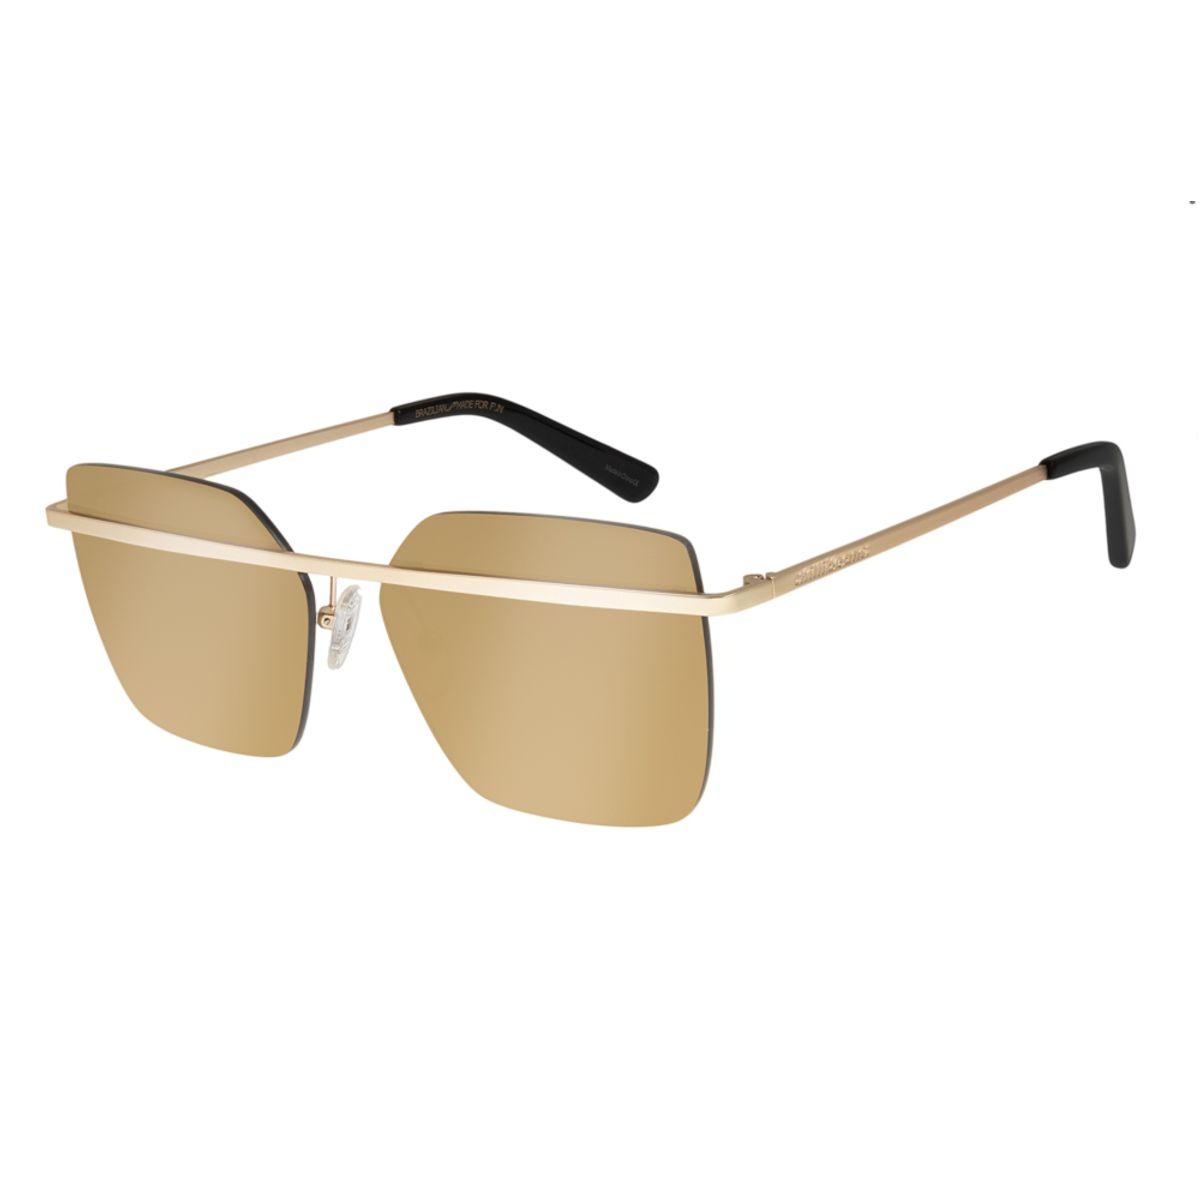 b69d9fbc1 Óculos de Sol Chilli Beans Feminino Quadrado Metal Dourado 2121 ...